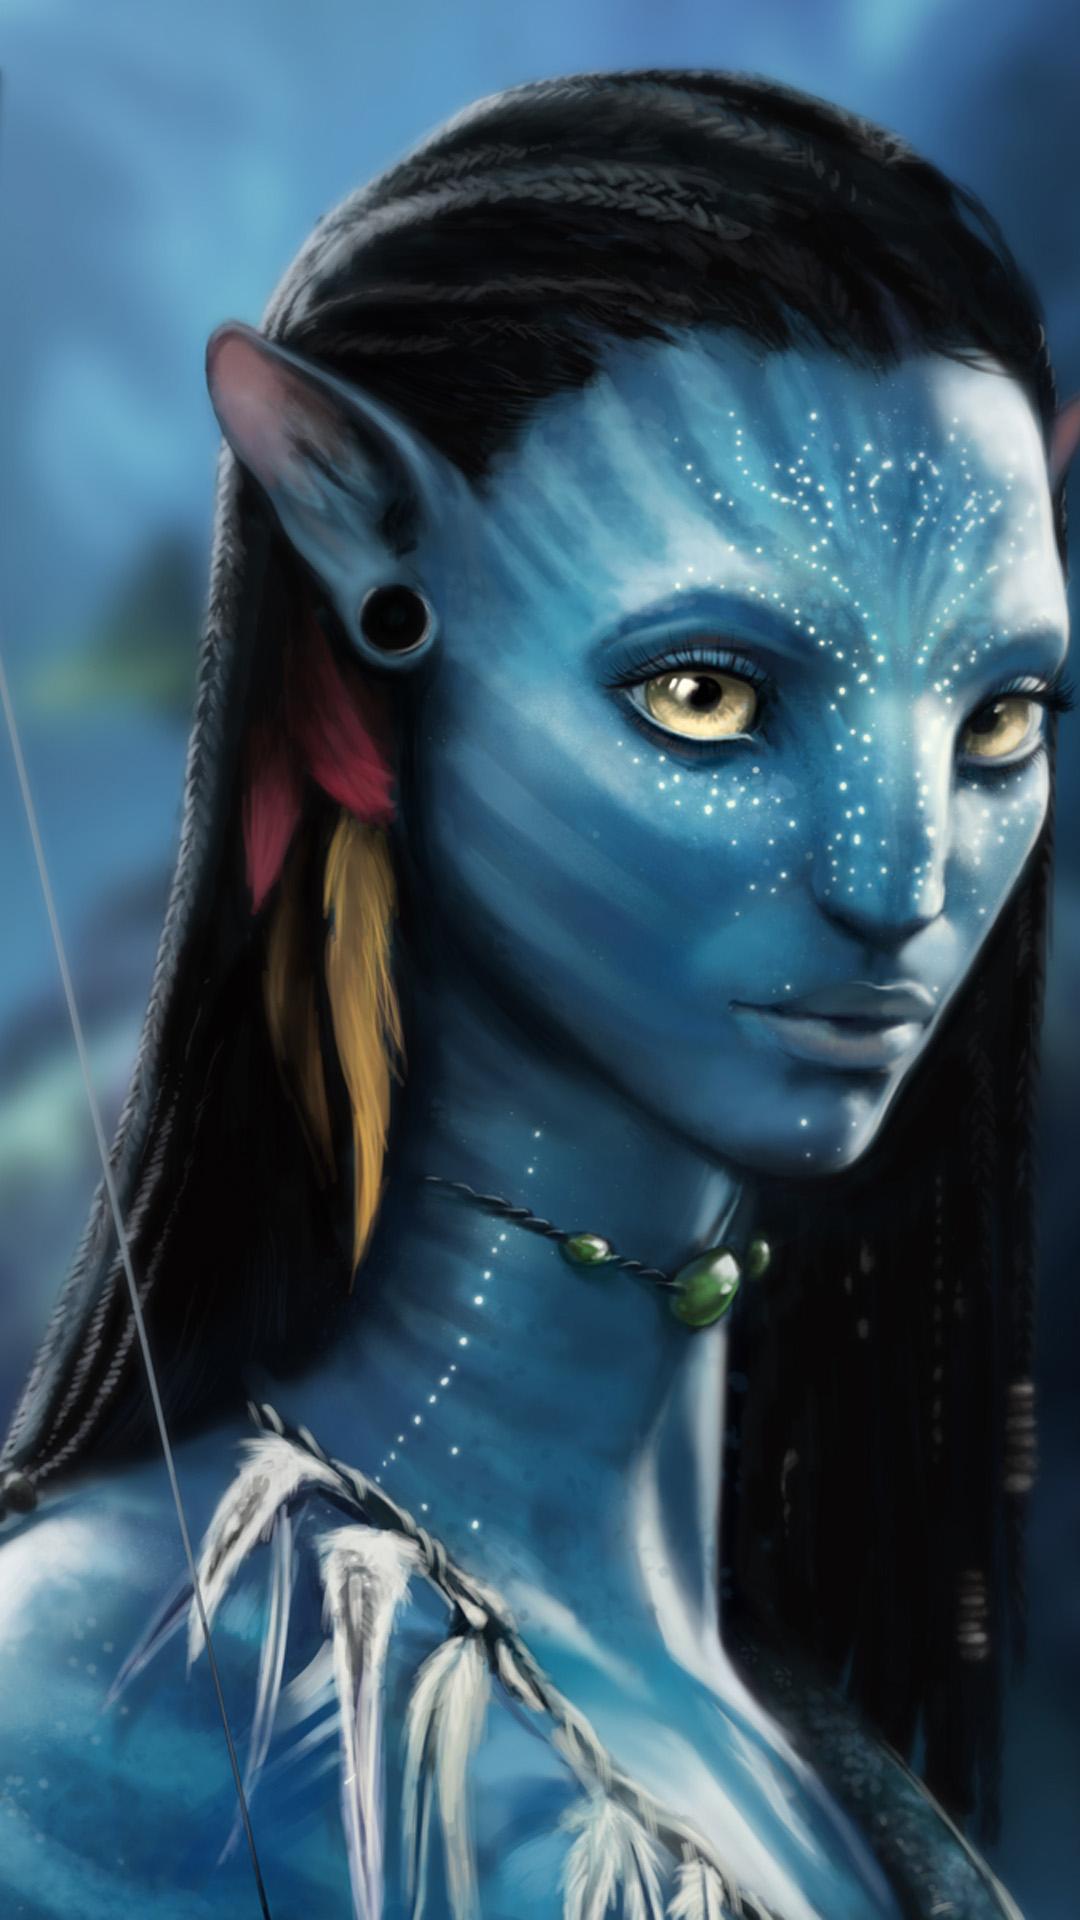 Avatar Actress